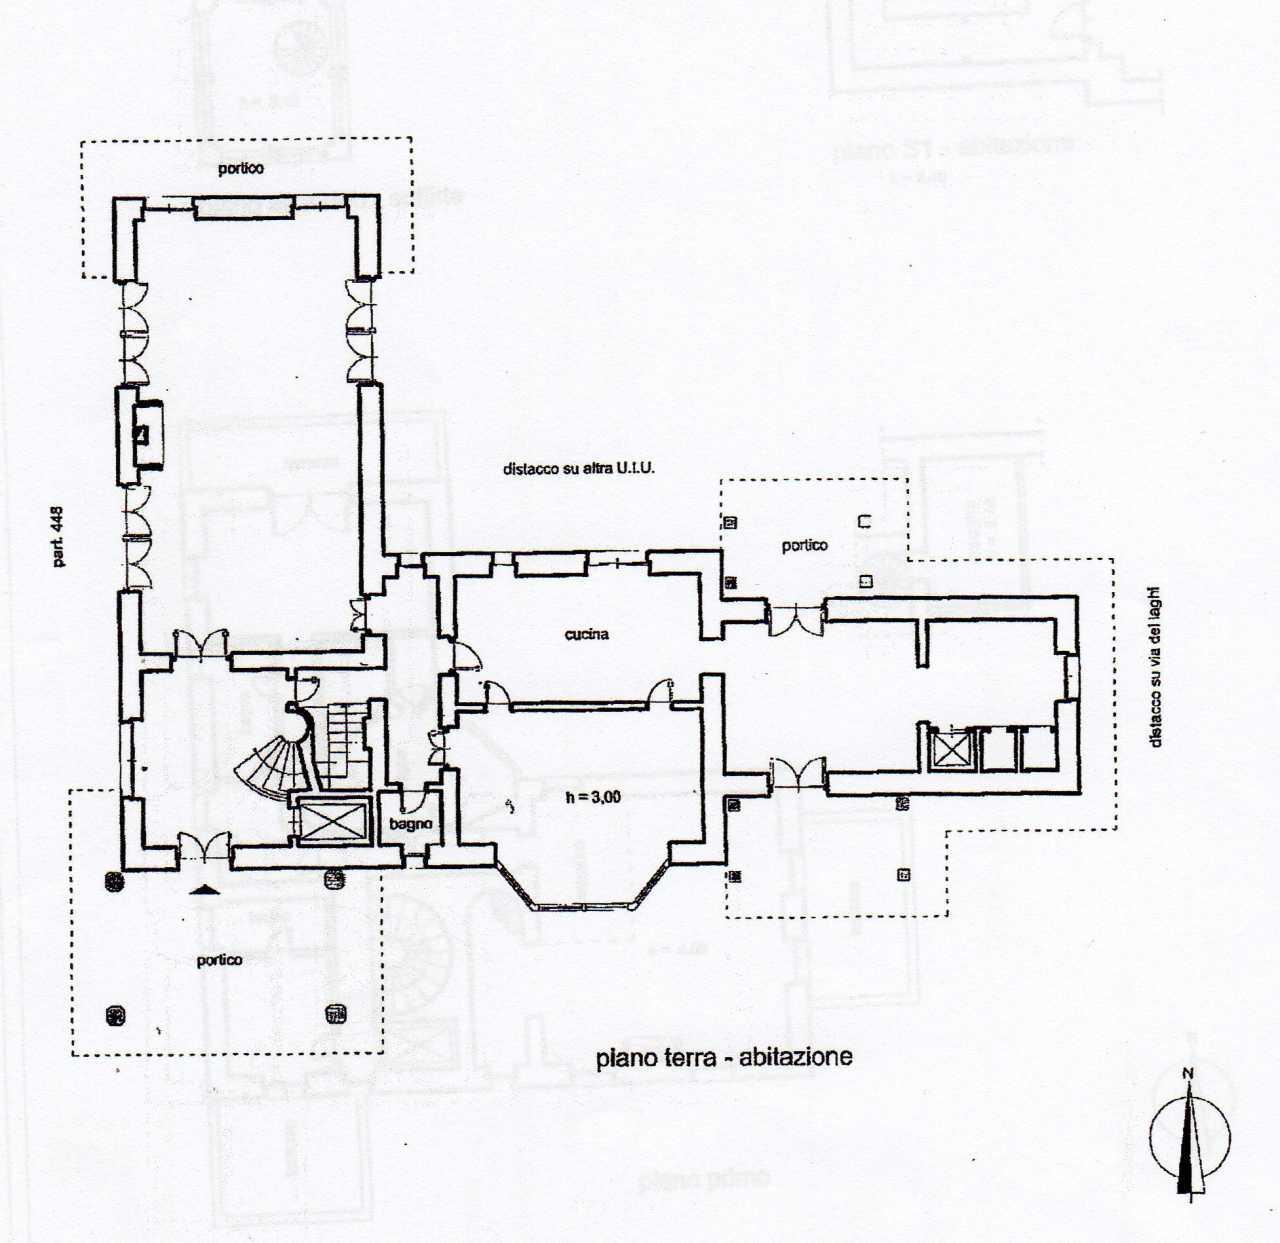 2578 villa in vendita a marino rm ville casali for Planimetrie vista montagna